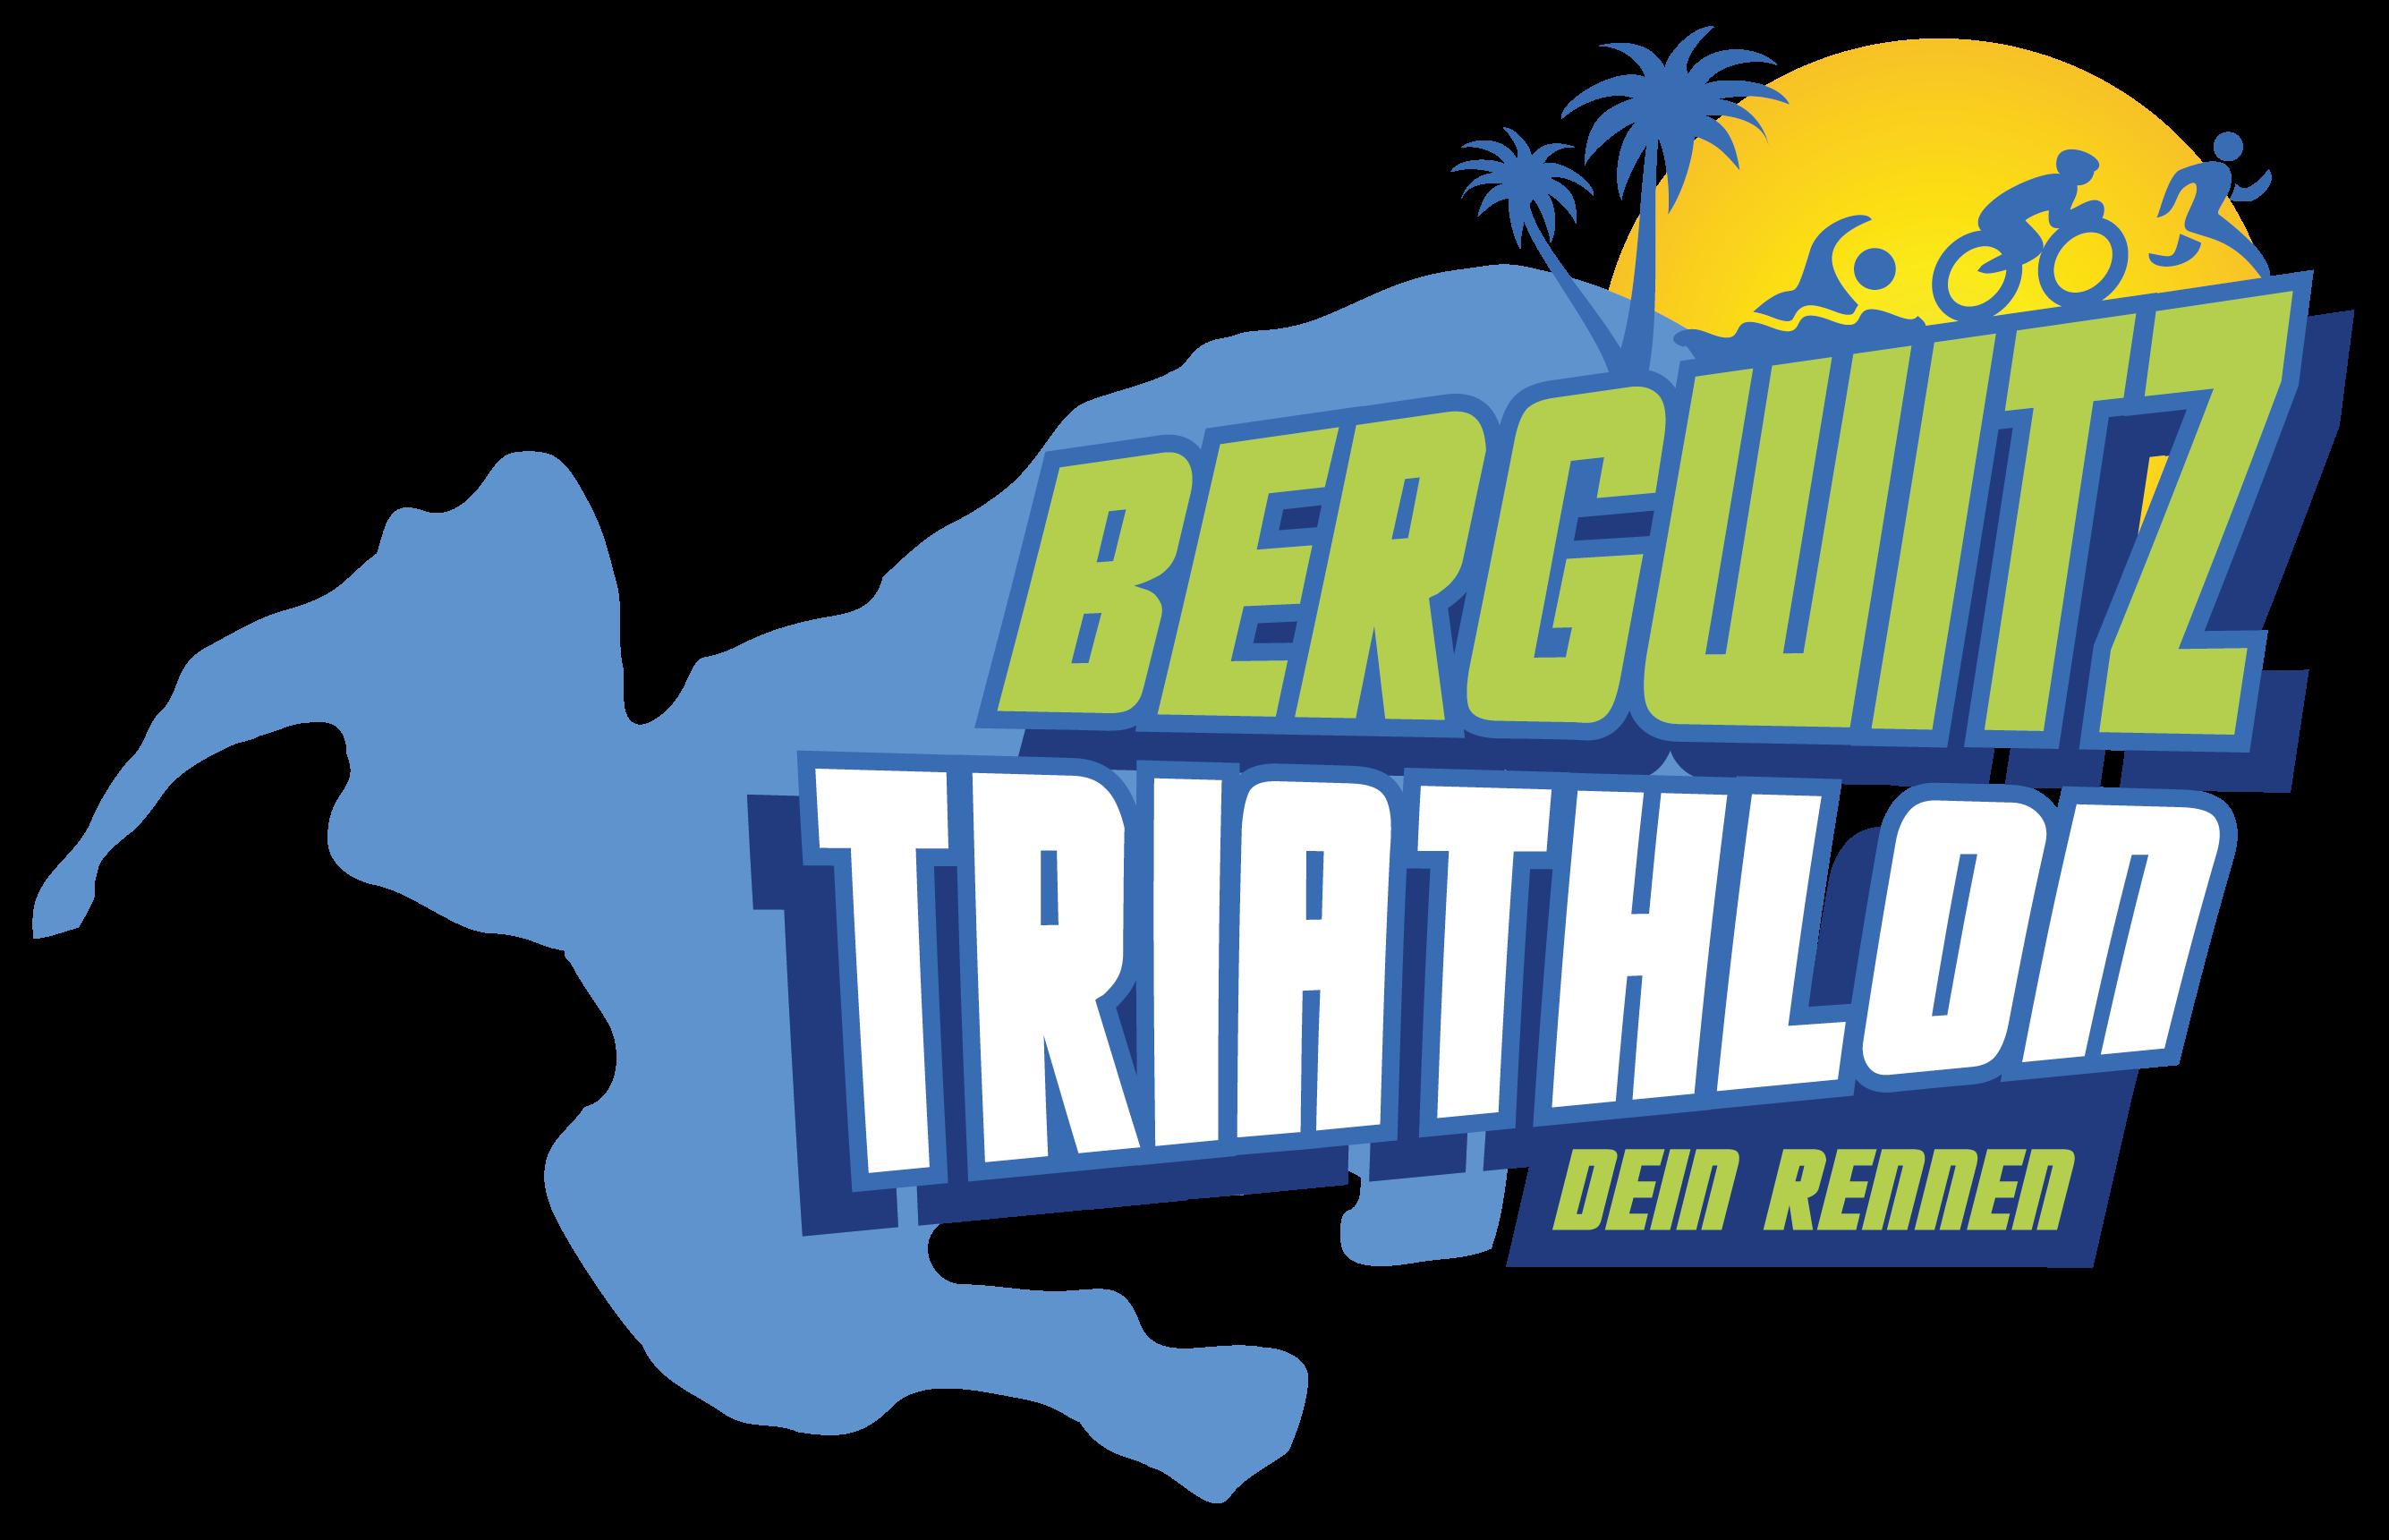 30. Bergwitztriathlon 2020